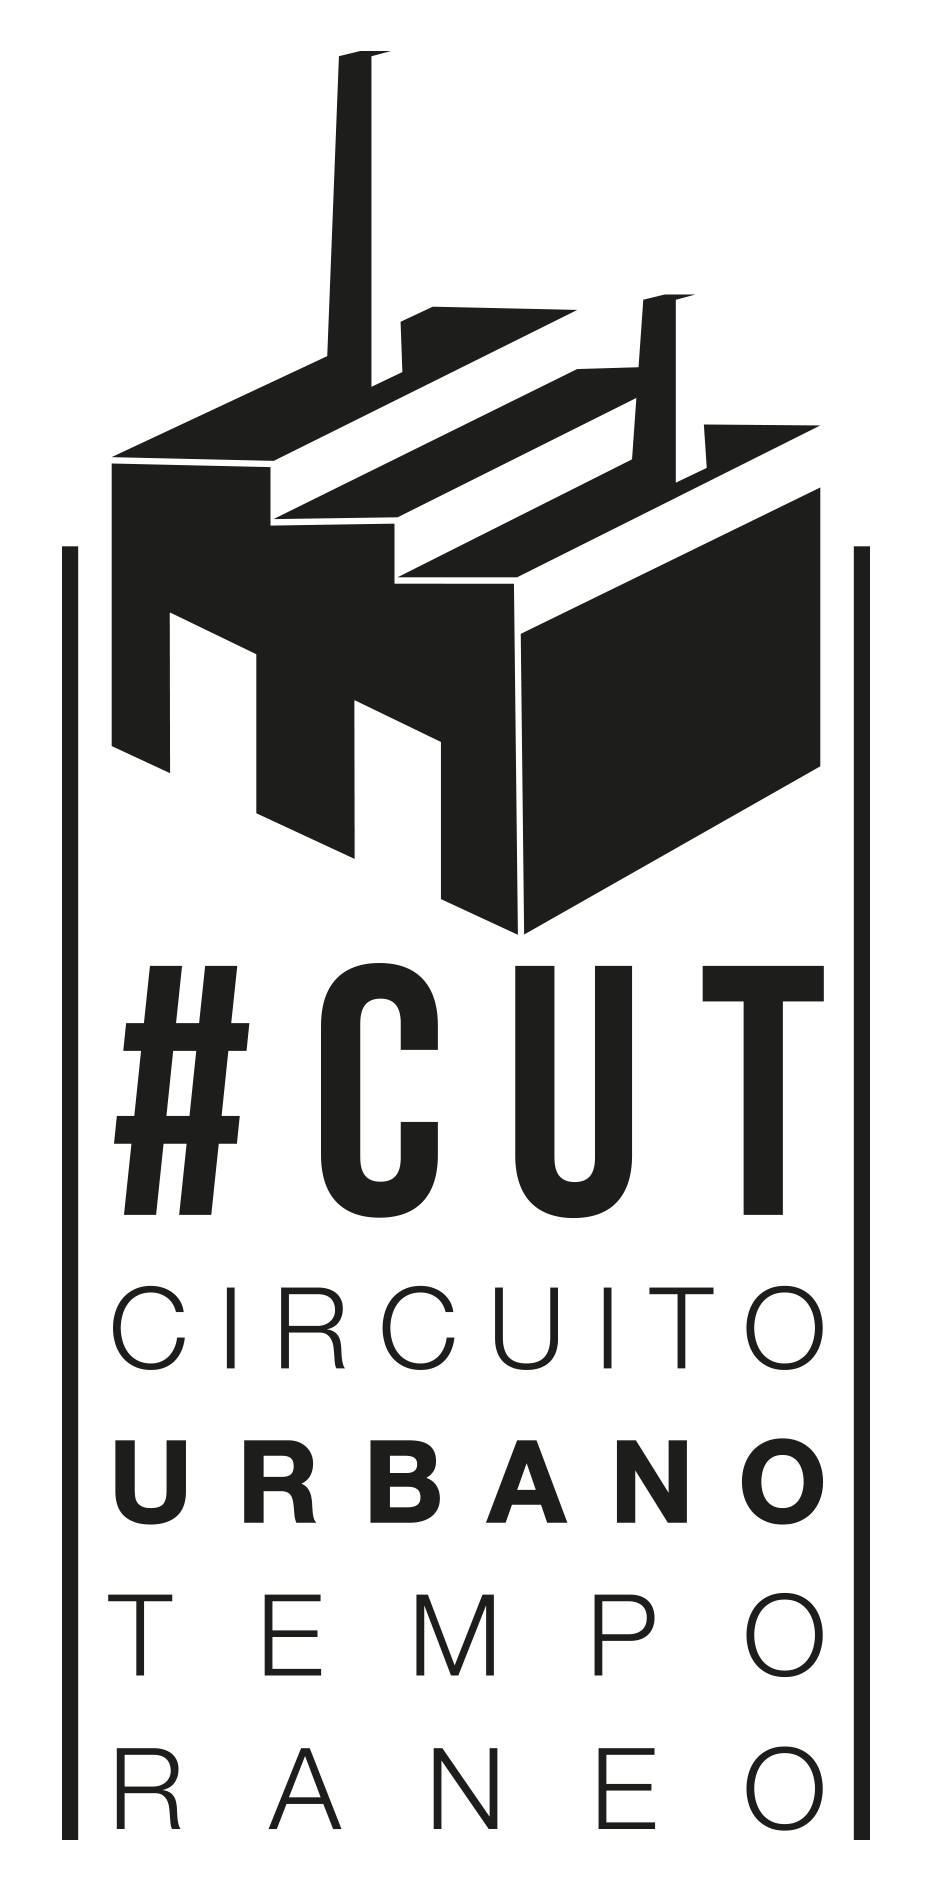 CUT -Circuito Urbano Temporaneo